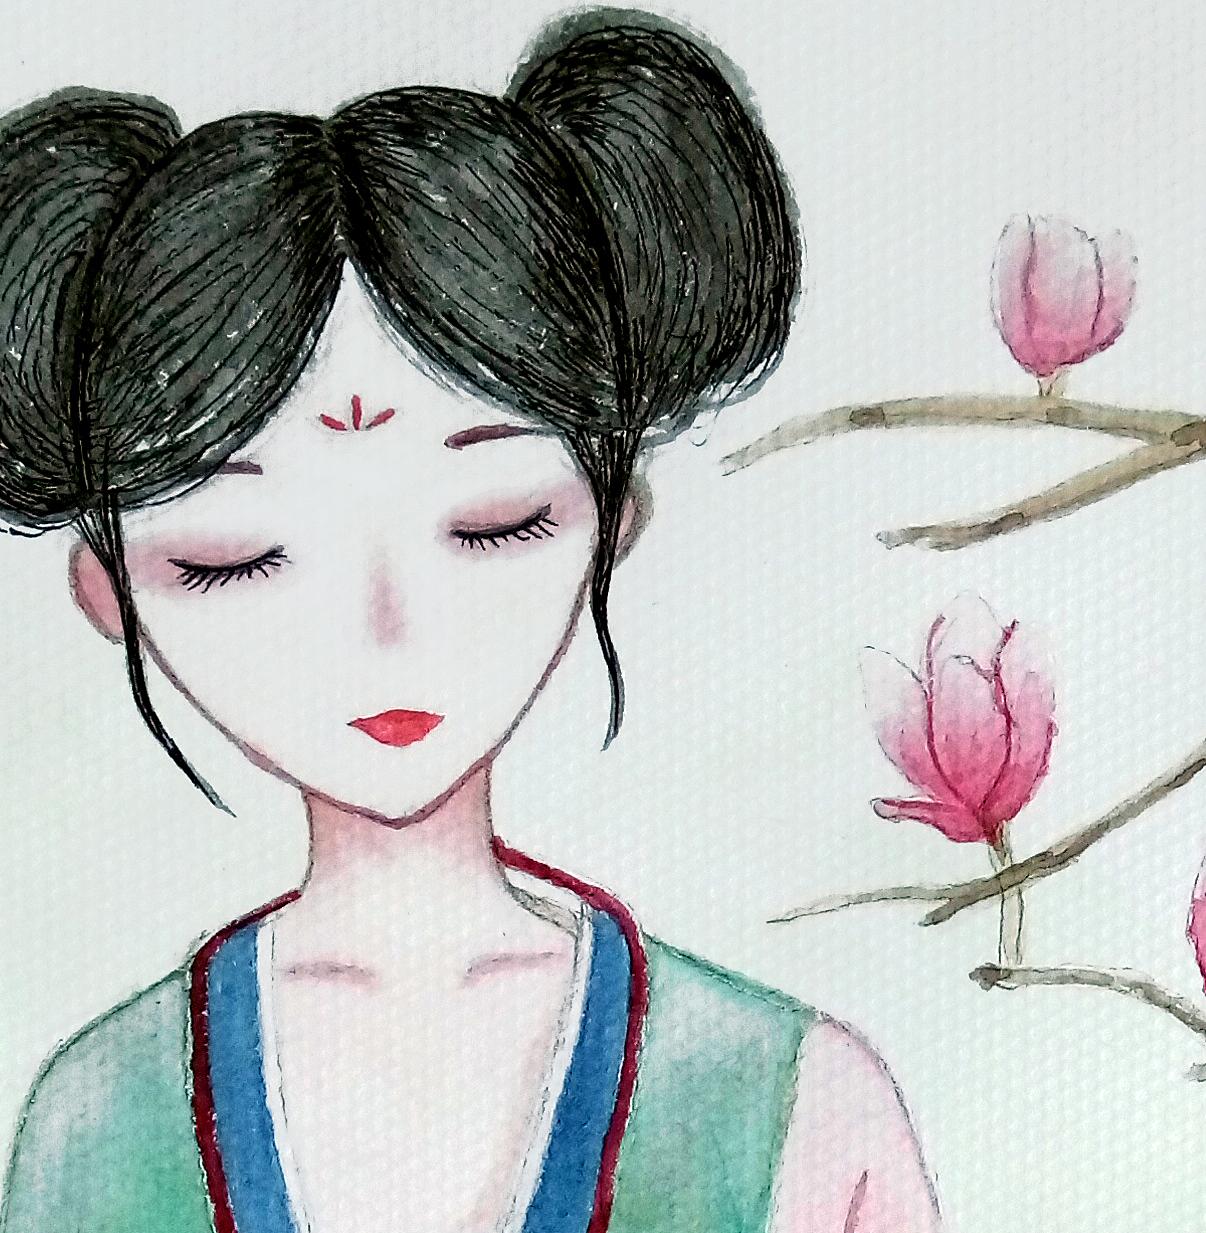 手绘古风水彩人物|插画|插画习作|可可西里ting